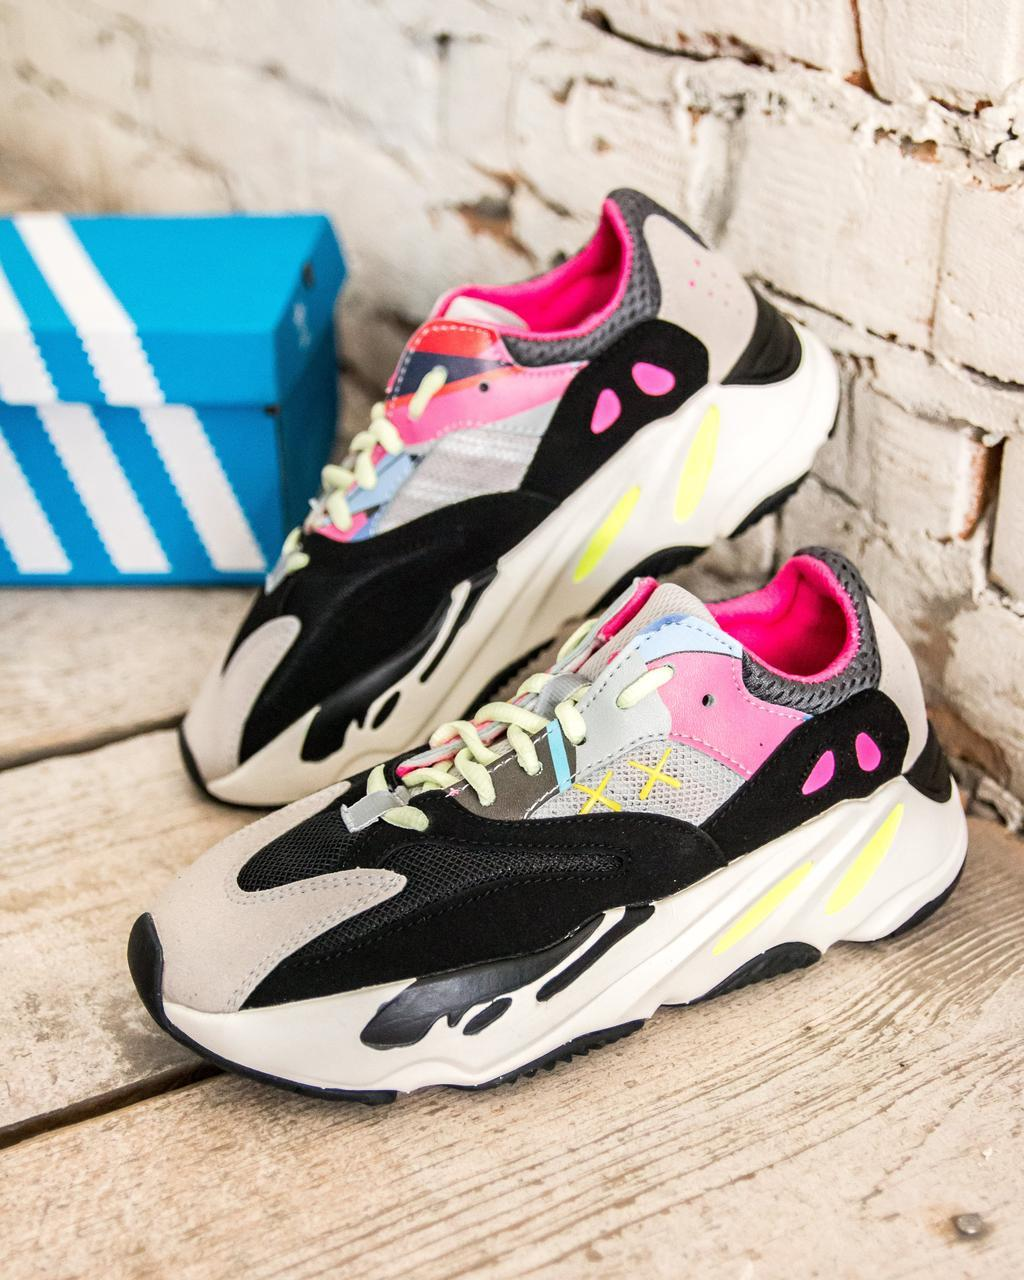 """221d102d Кроссовки женские Adidas Yeezy Boost 700 """"Wave Runners"""" (адидас иззи буст  цветные)"""